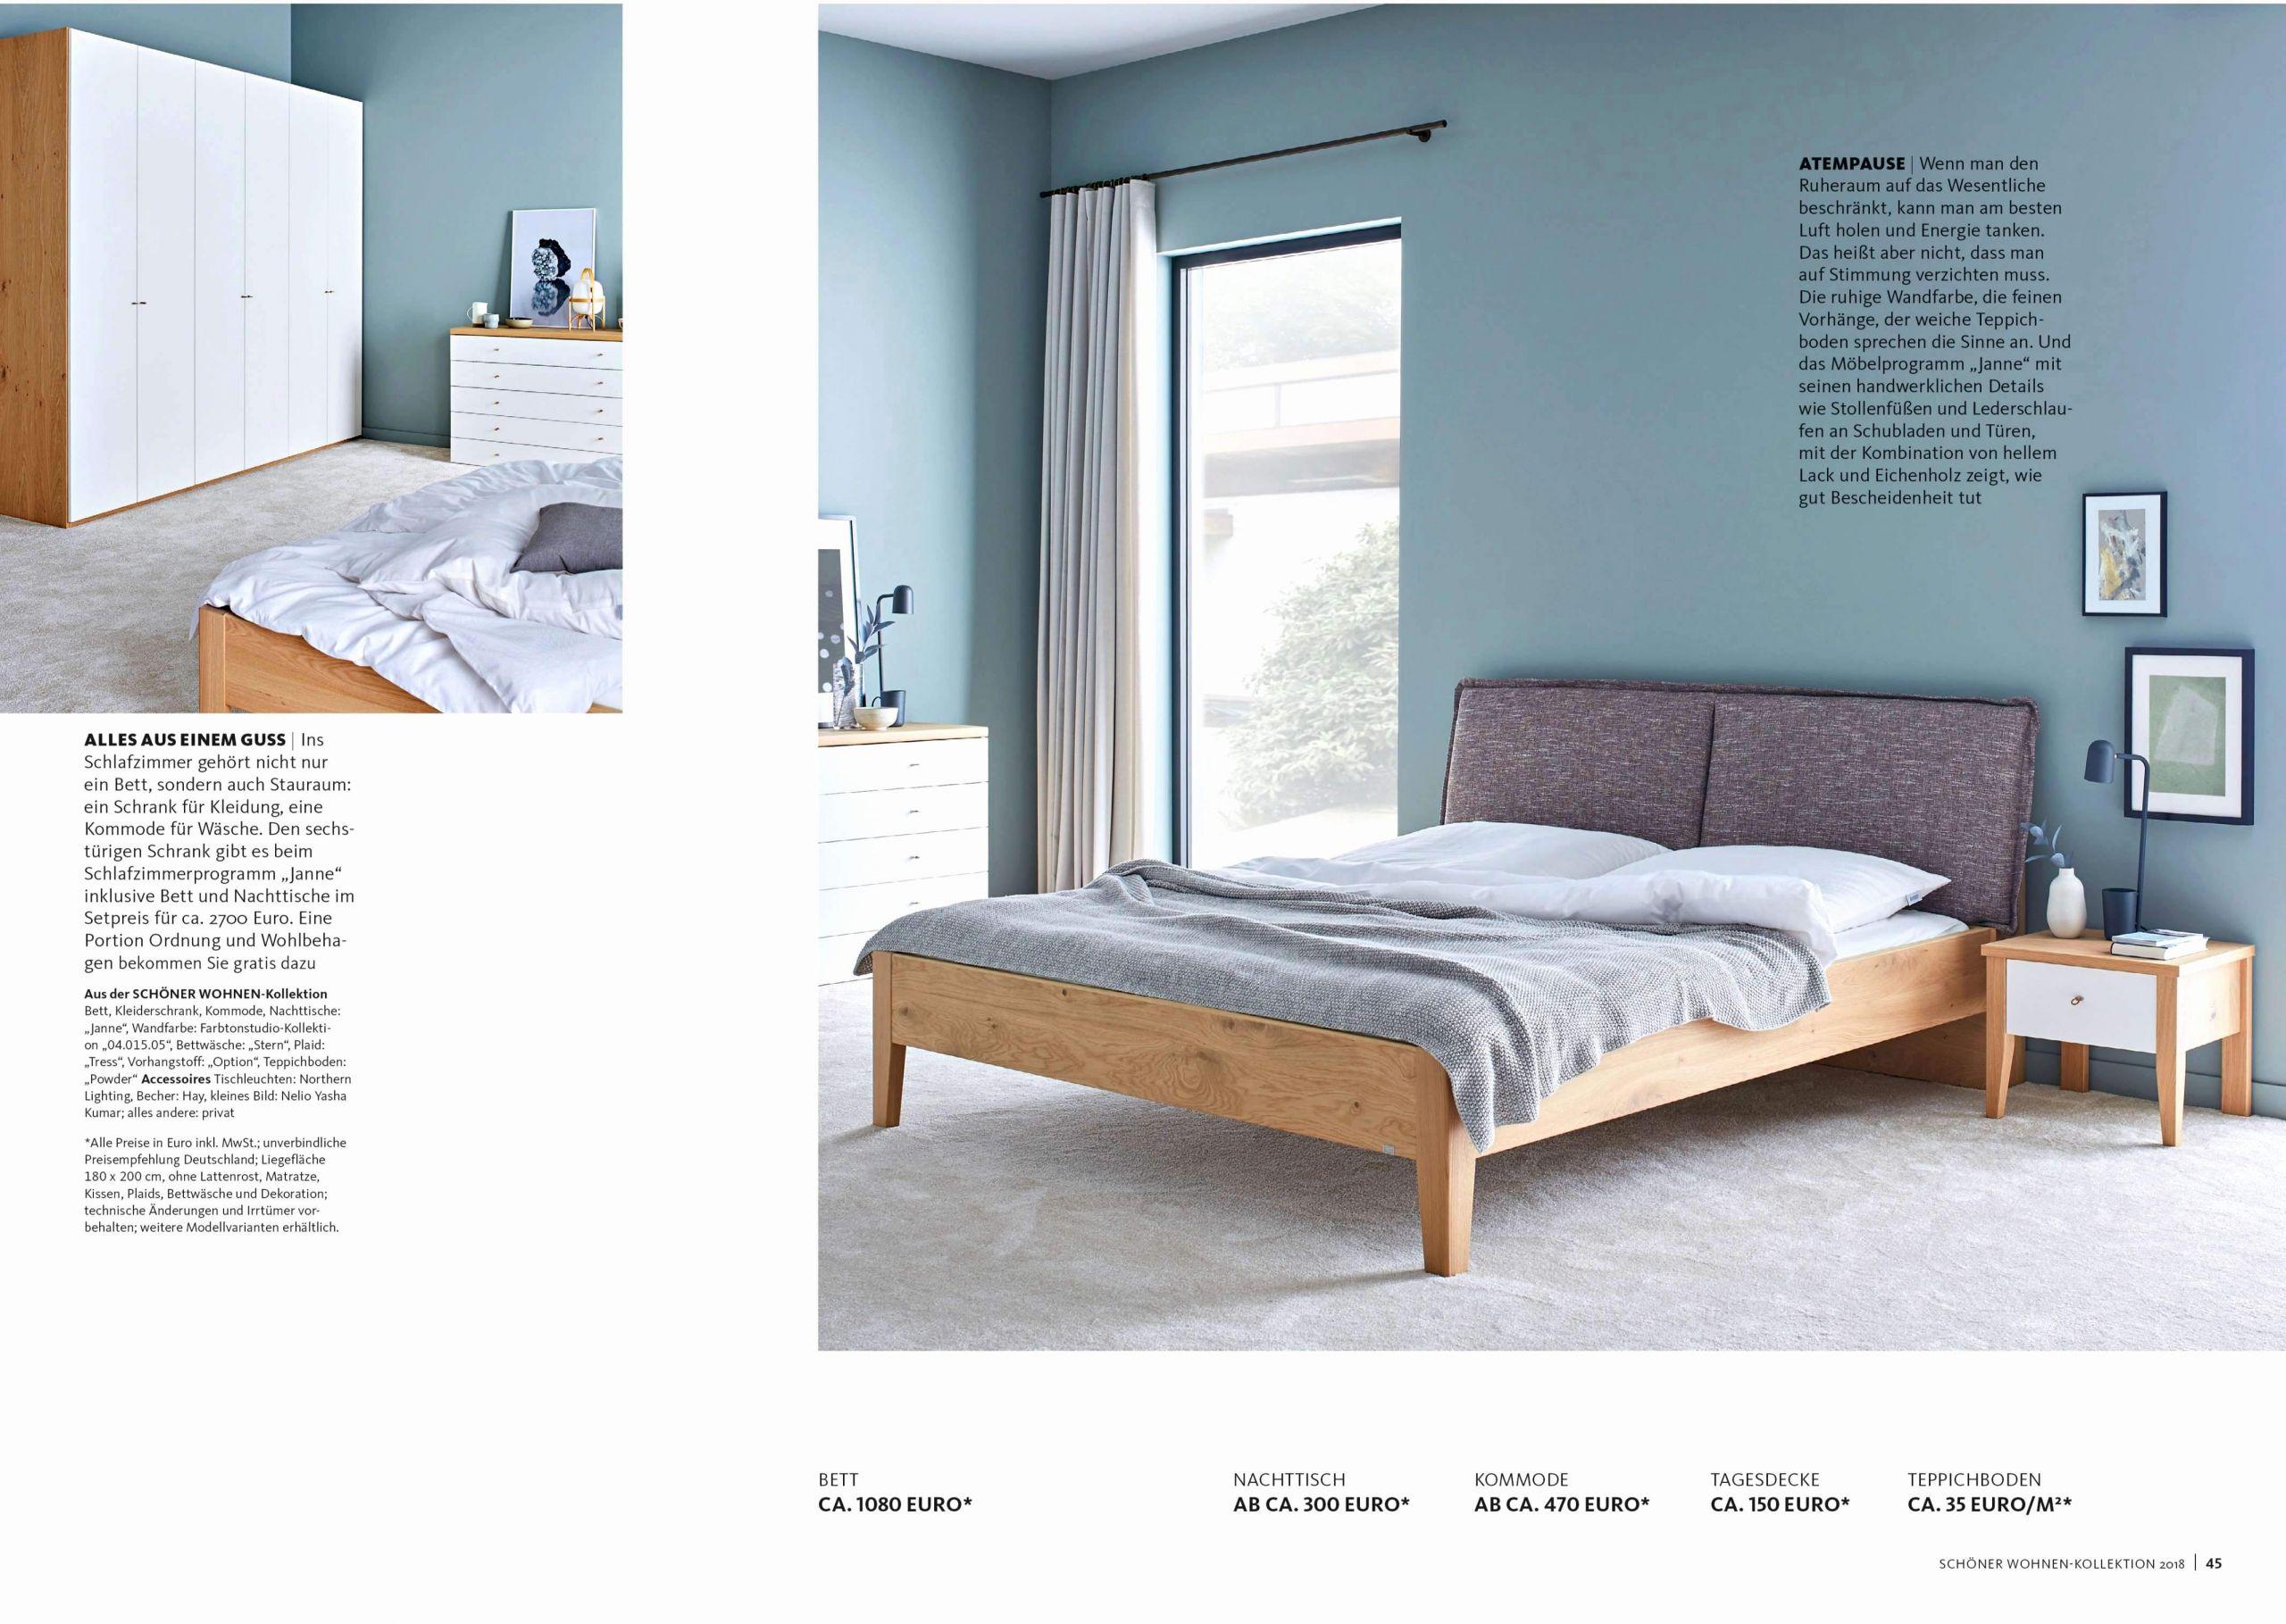 Deko Ideen Aus Holz Selber Machen Inspirierend 36 Neu Dekoration Wohnzimmer Regal Frisch